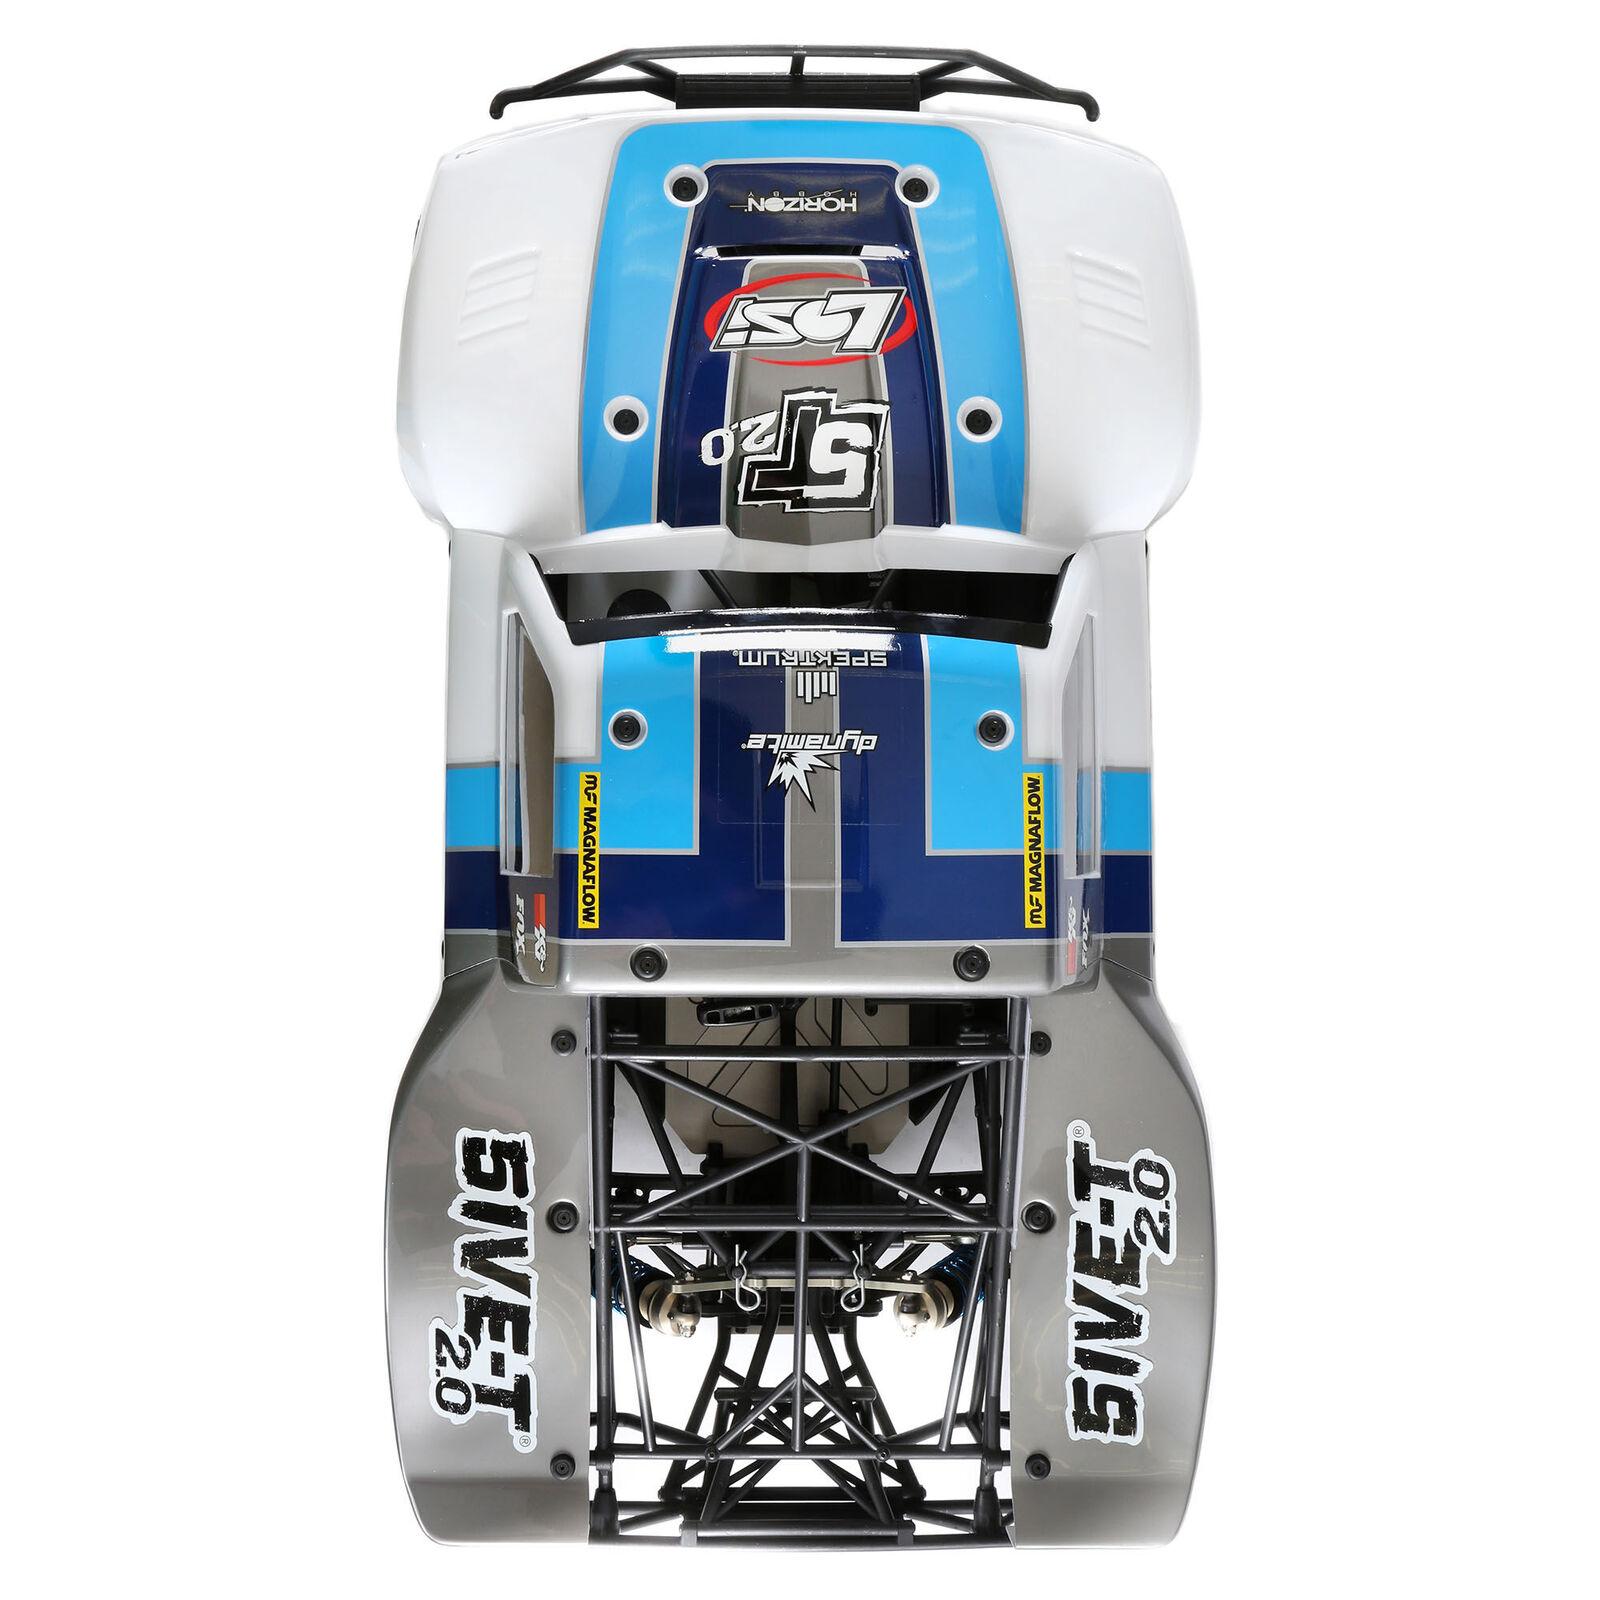 5IVE-T 2.0 V2: 1/5 4wd SCT Gas BND: Gry/Blu/Wht